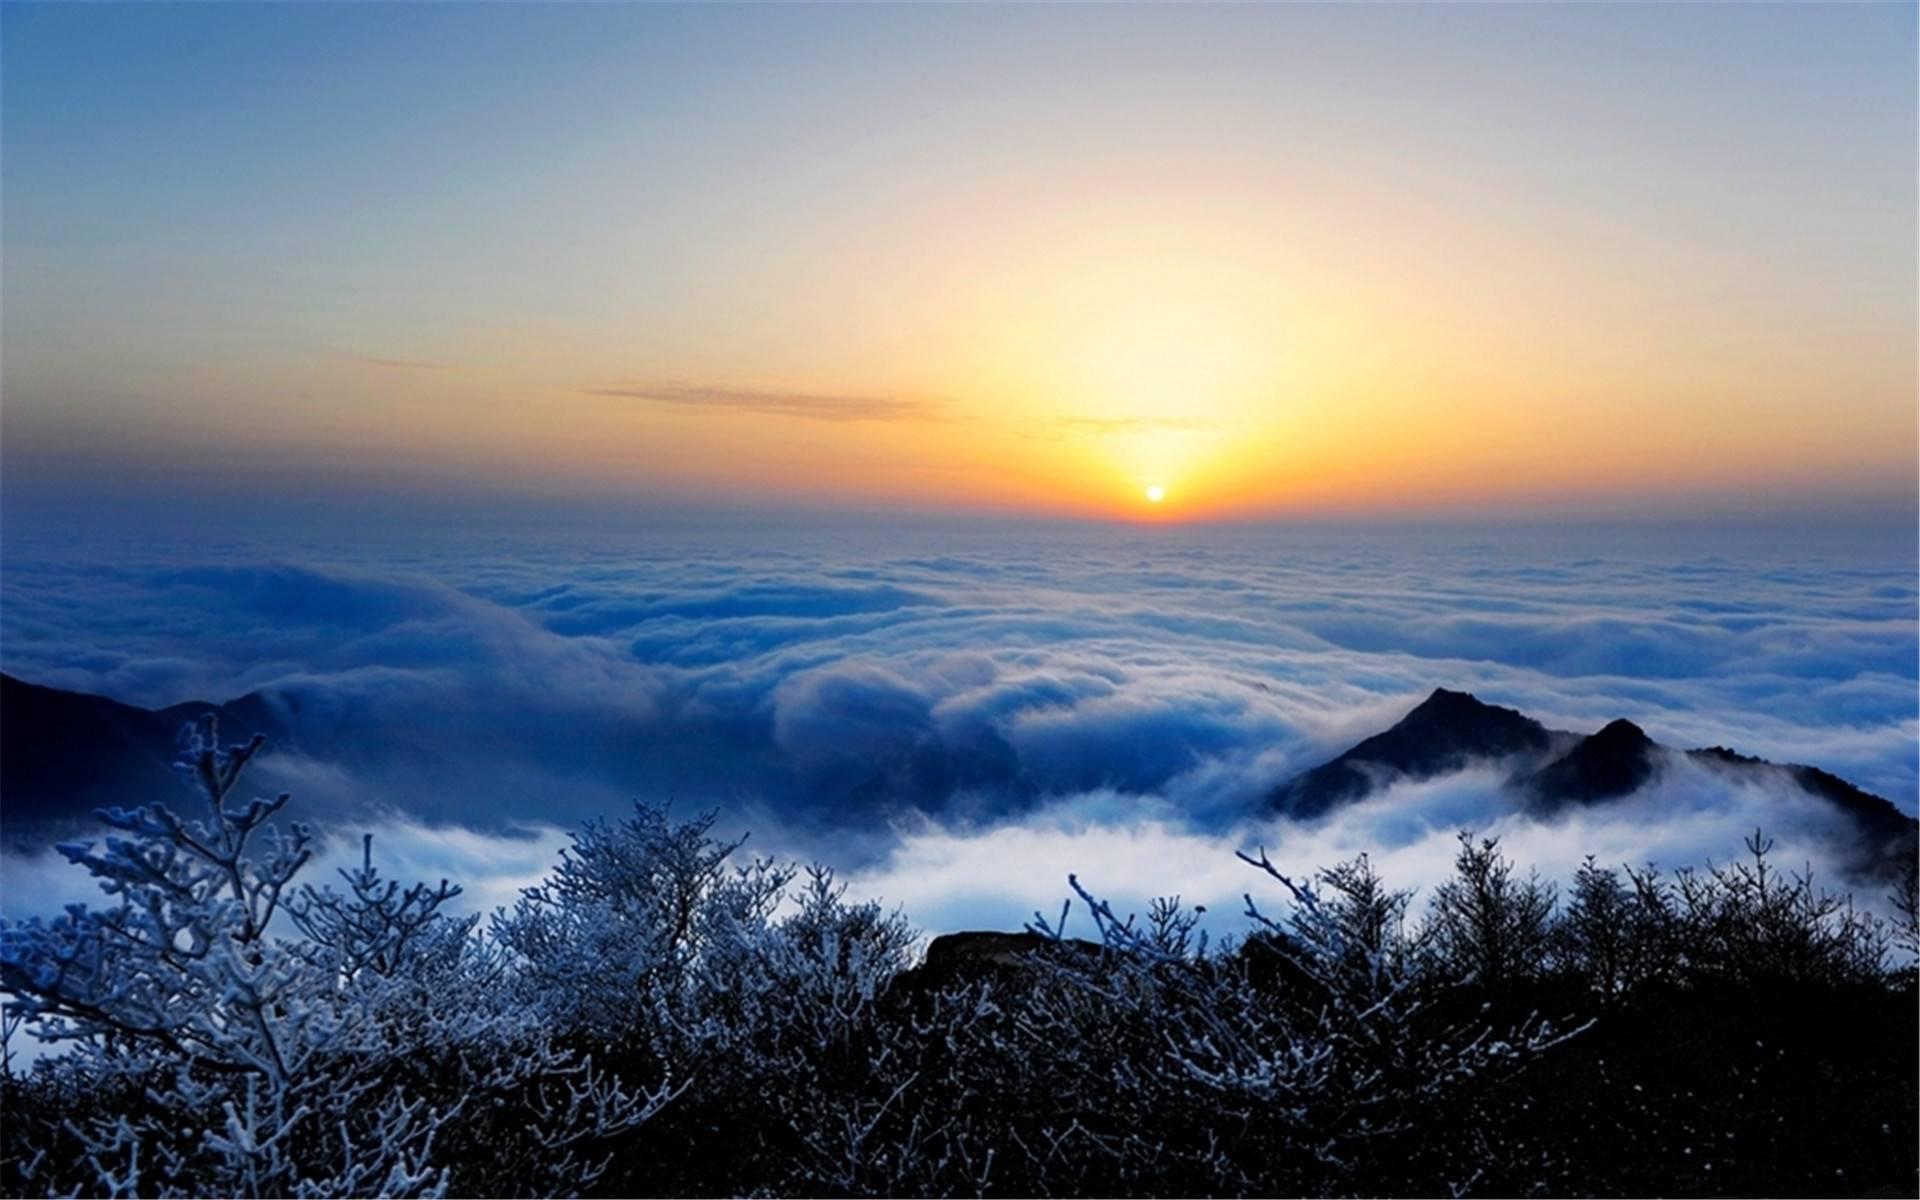 深圳天涯国际旅行社__国旅(深圳)国际旅行社有限公司